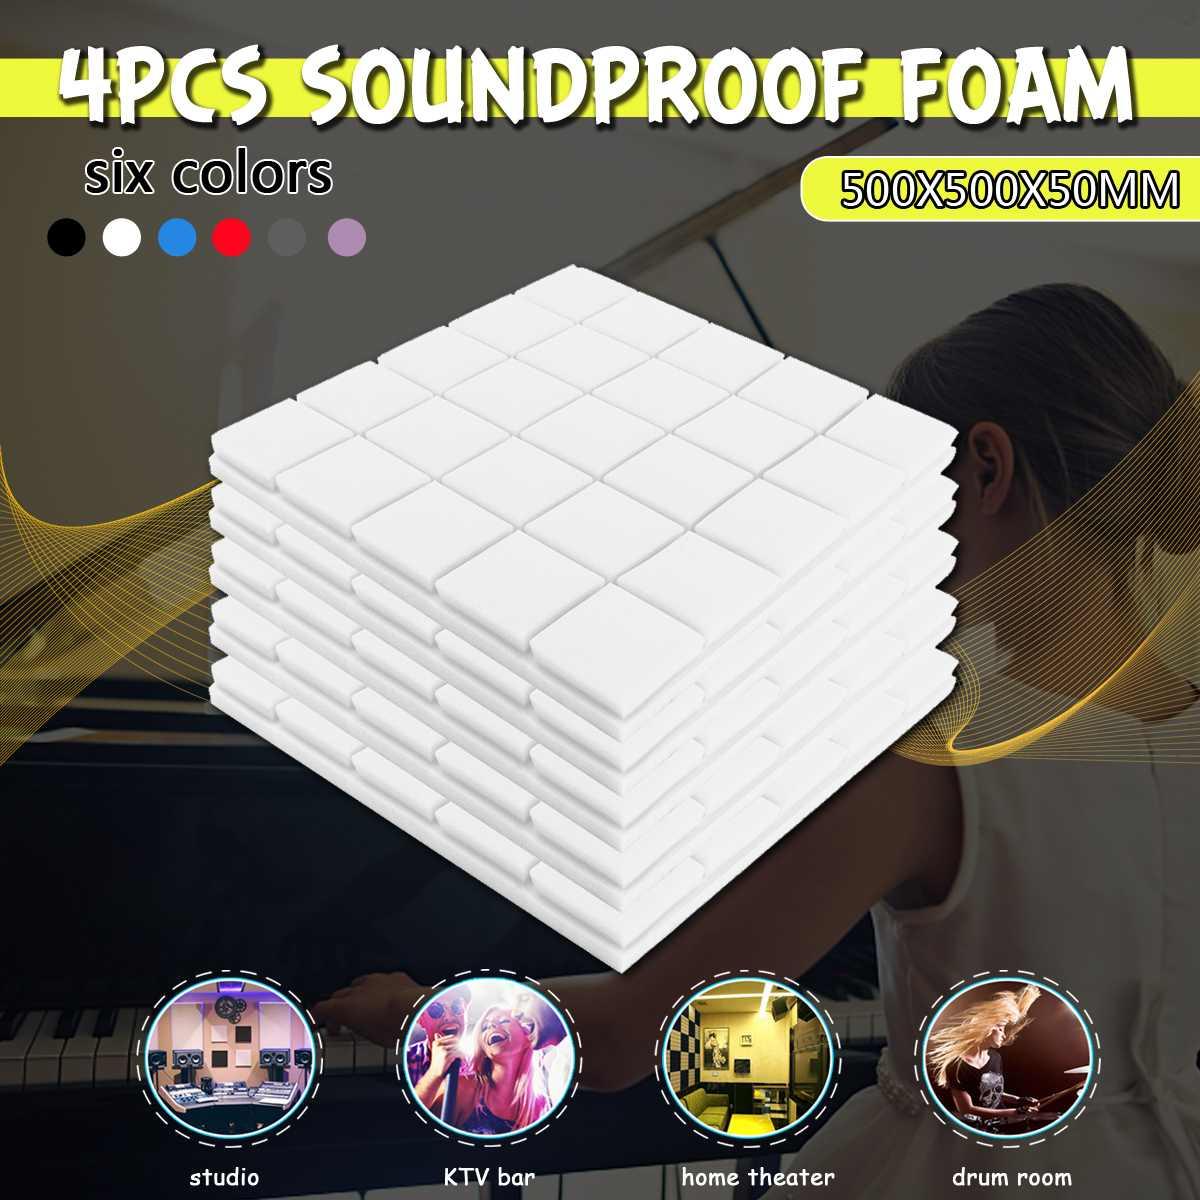 4PCS 50x50x5cm Studio Acoustic Soundproof Foam Sound Absorption Treatment Panel Tile Wedge Protective Sponge